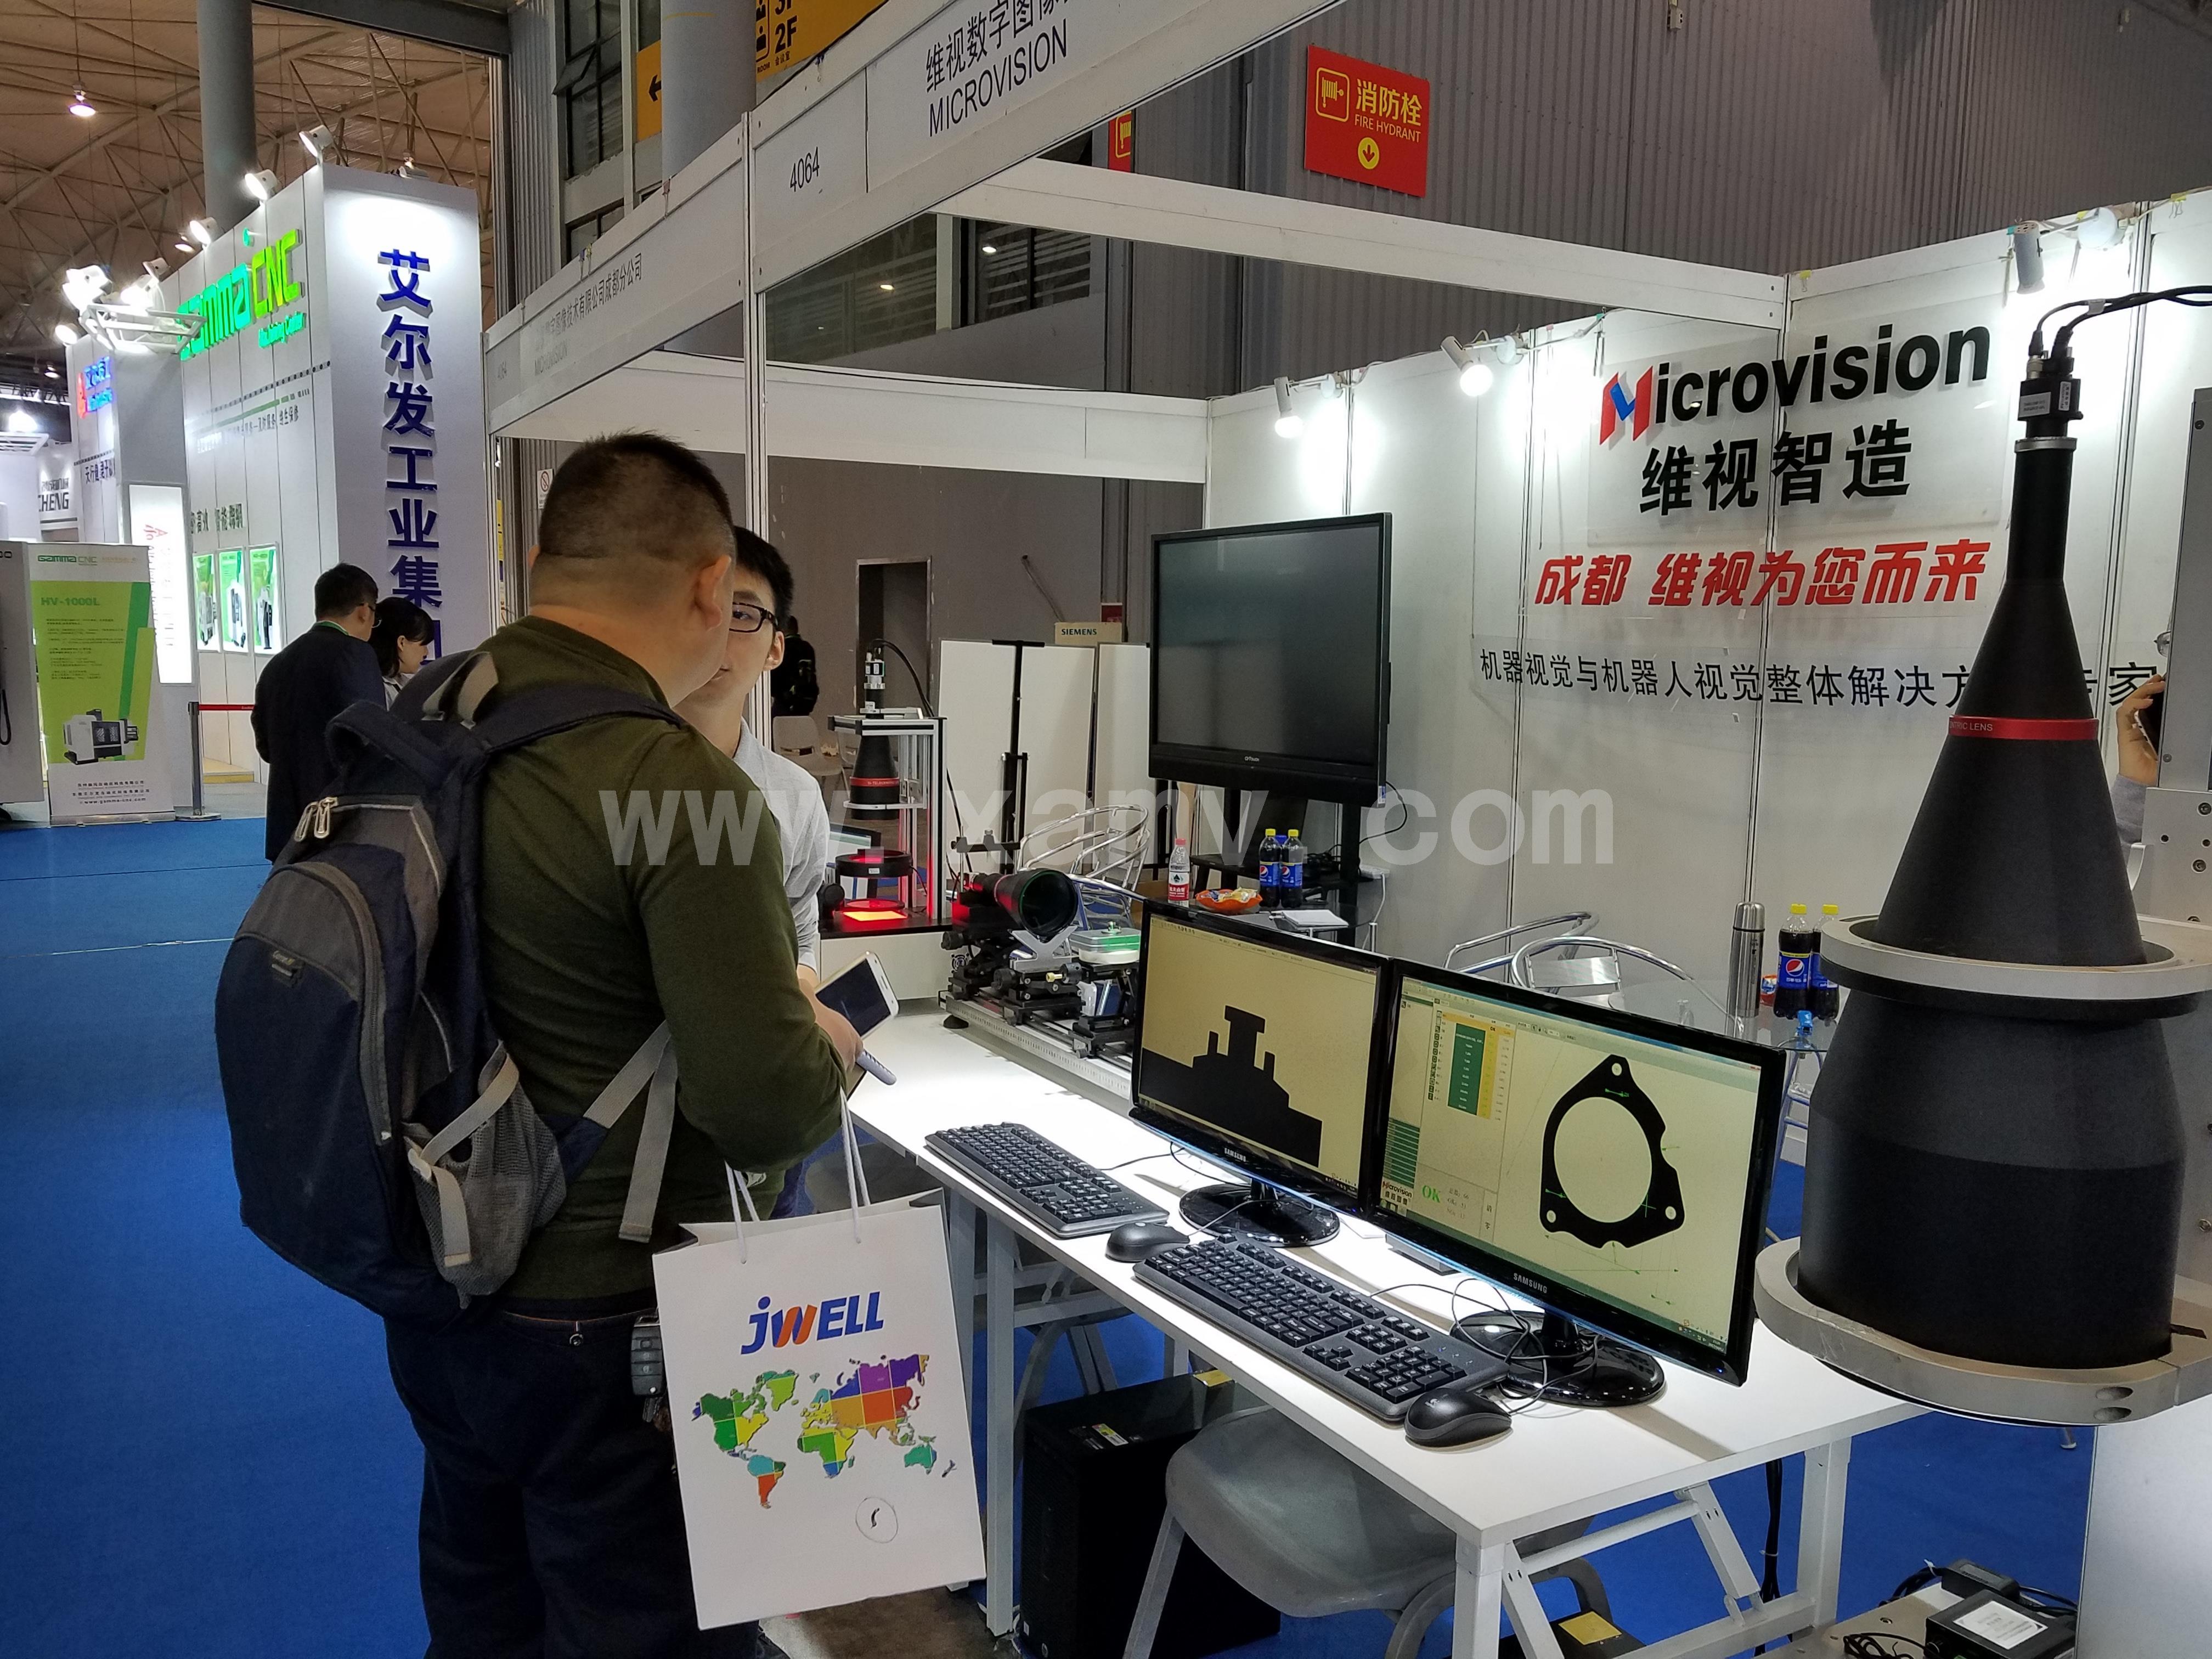 立嘉国际机械展览会